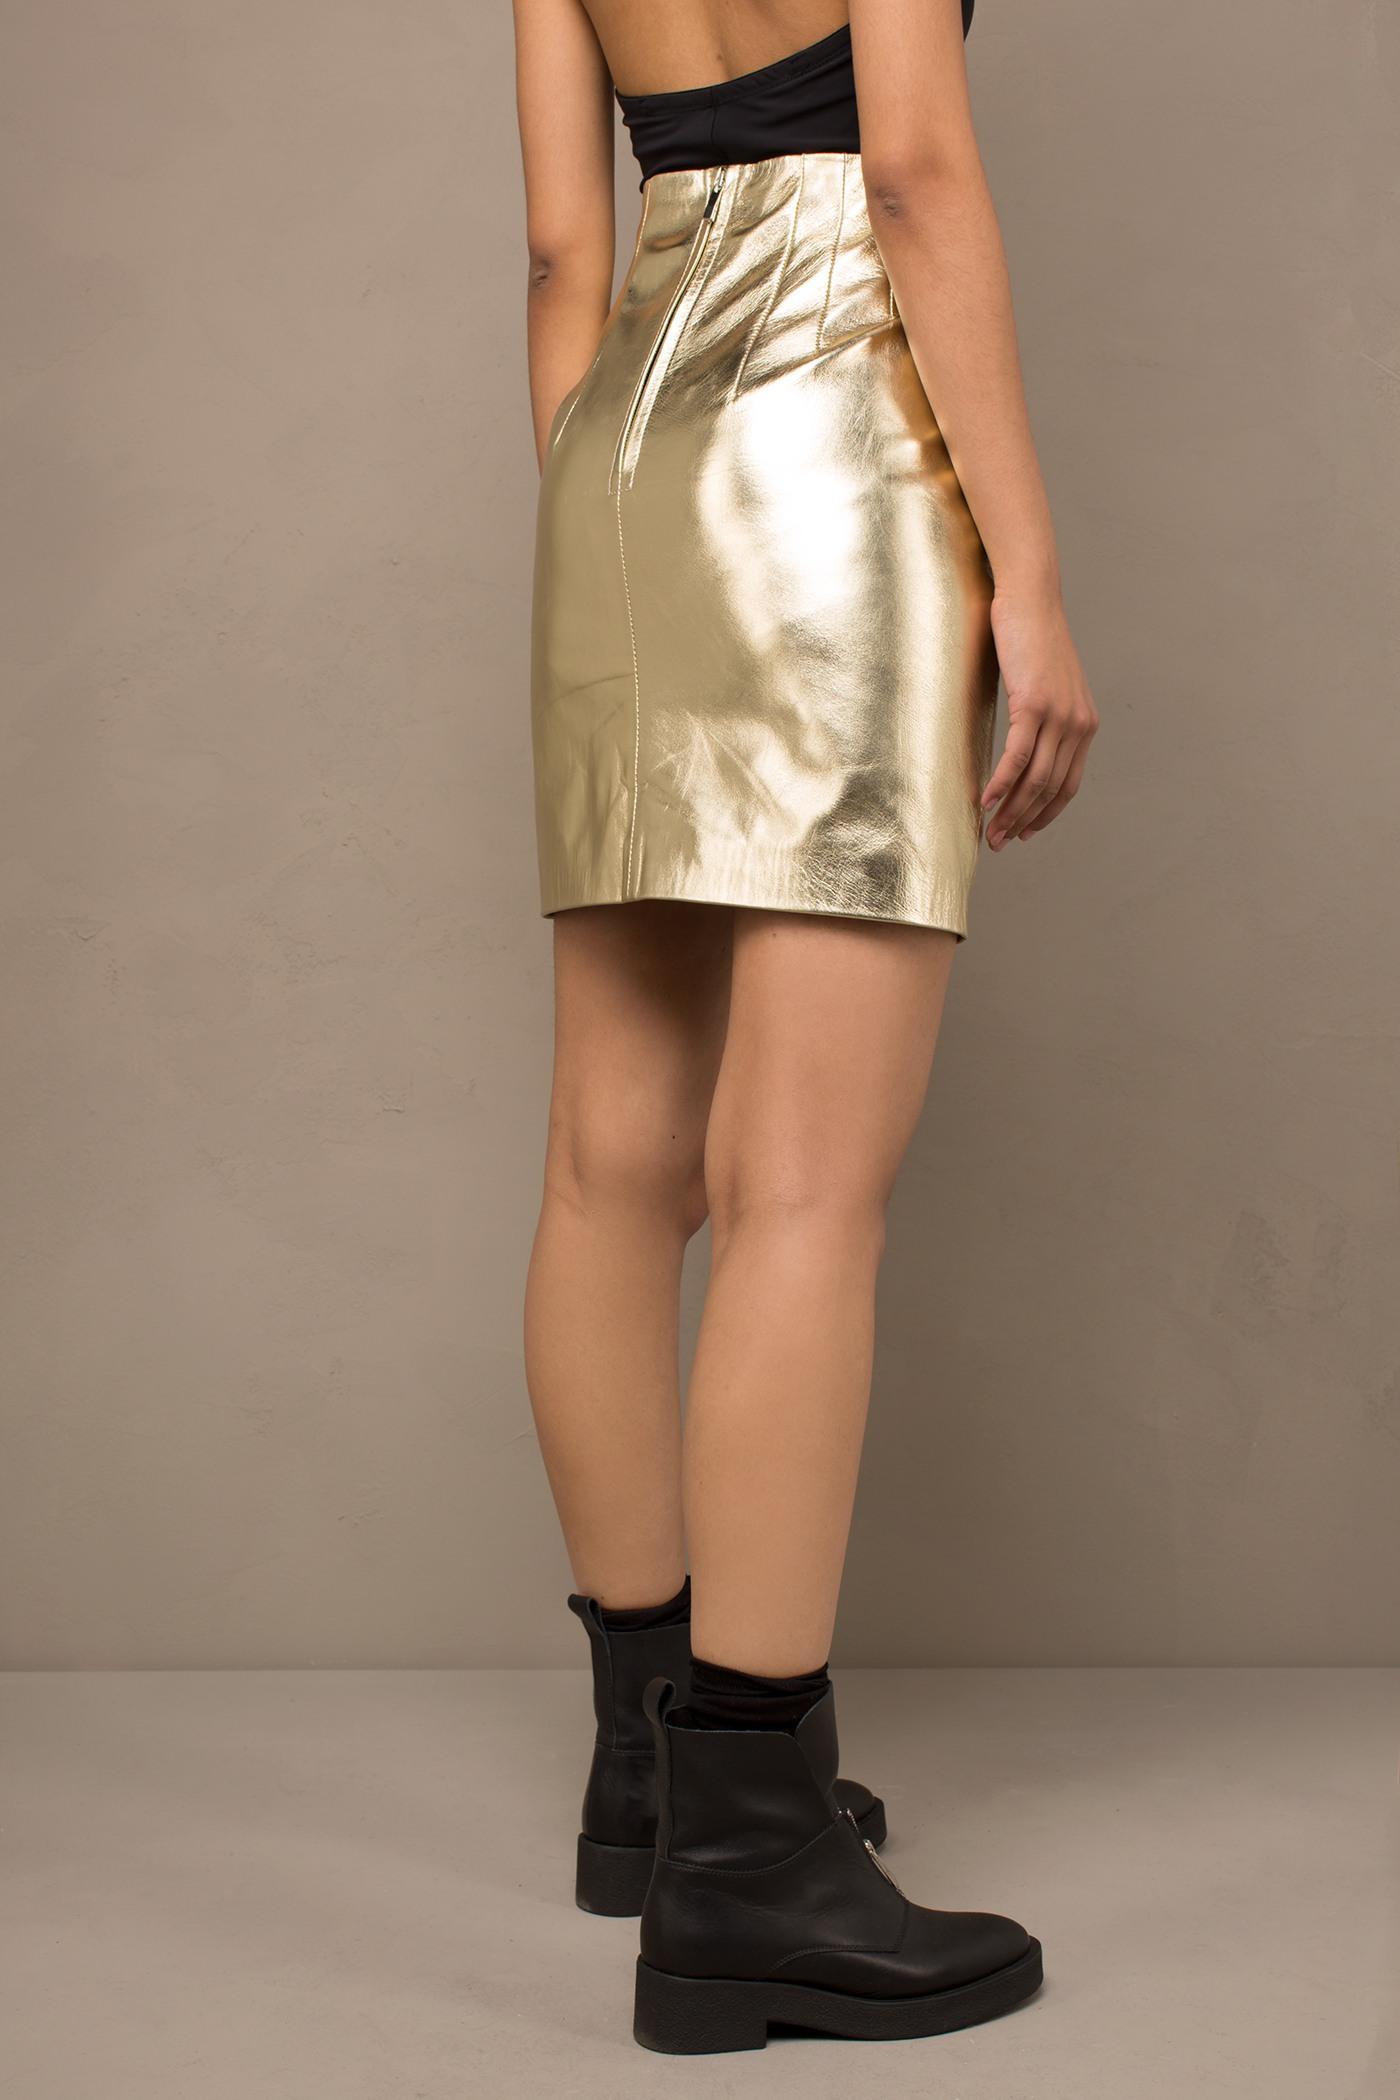 ЮбкаКожаная юбка&#13;<br>&#13;<br>&#13;<br>завышенная талия&#13;<br>&#13;<br>застегивается сзади на молнию&#13;<br>&#13;<br>кожа с эффектом золота.<br><br>Цвет: Золото , Серебро<br>Размер: S, M, L, XS